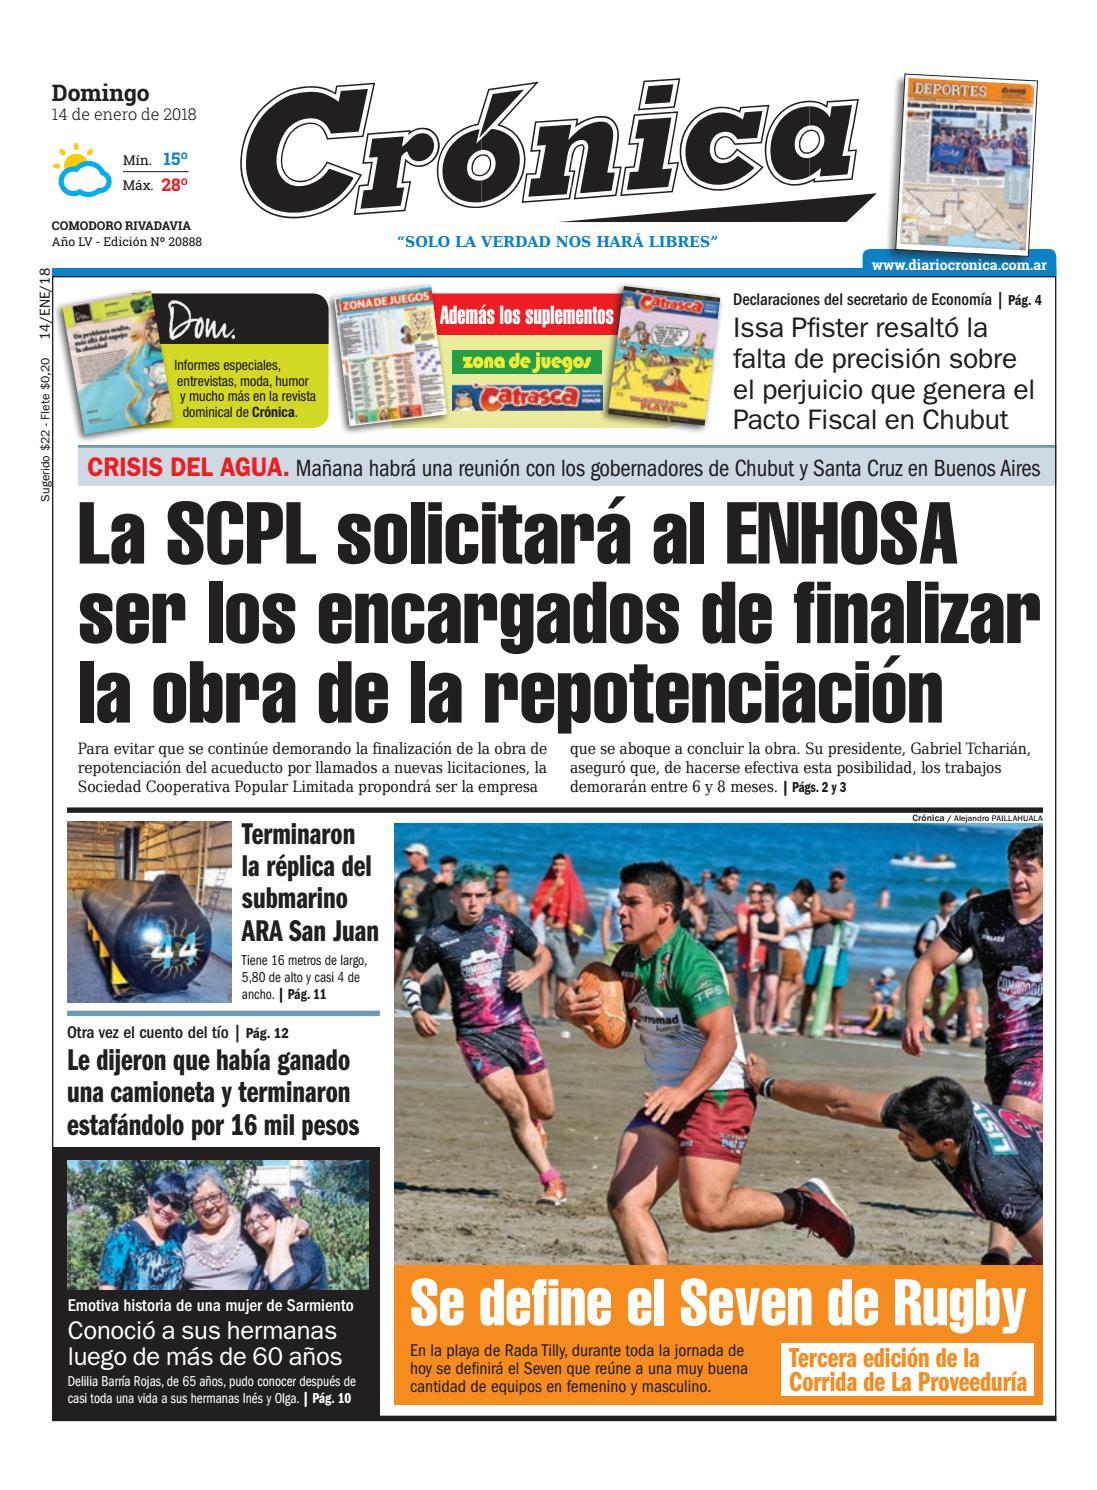 51905c8b7ca7a67b5b3509a7ffb4cbdf by Diario Crónica - issuu